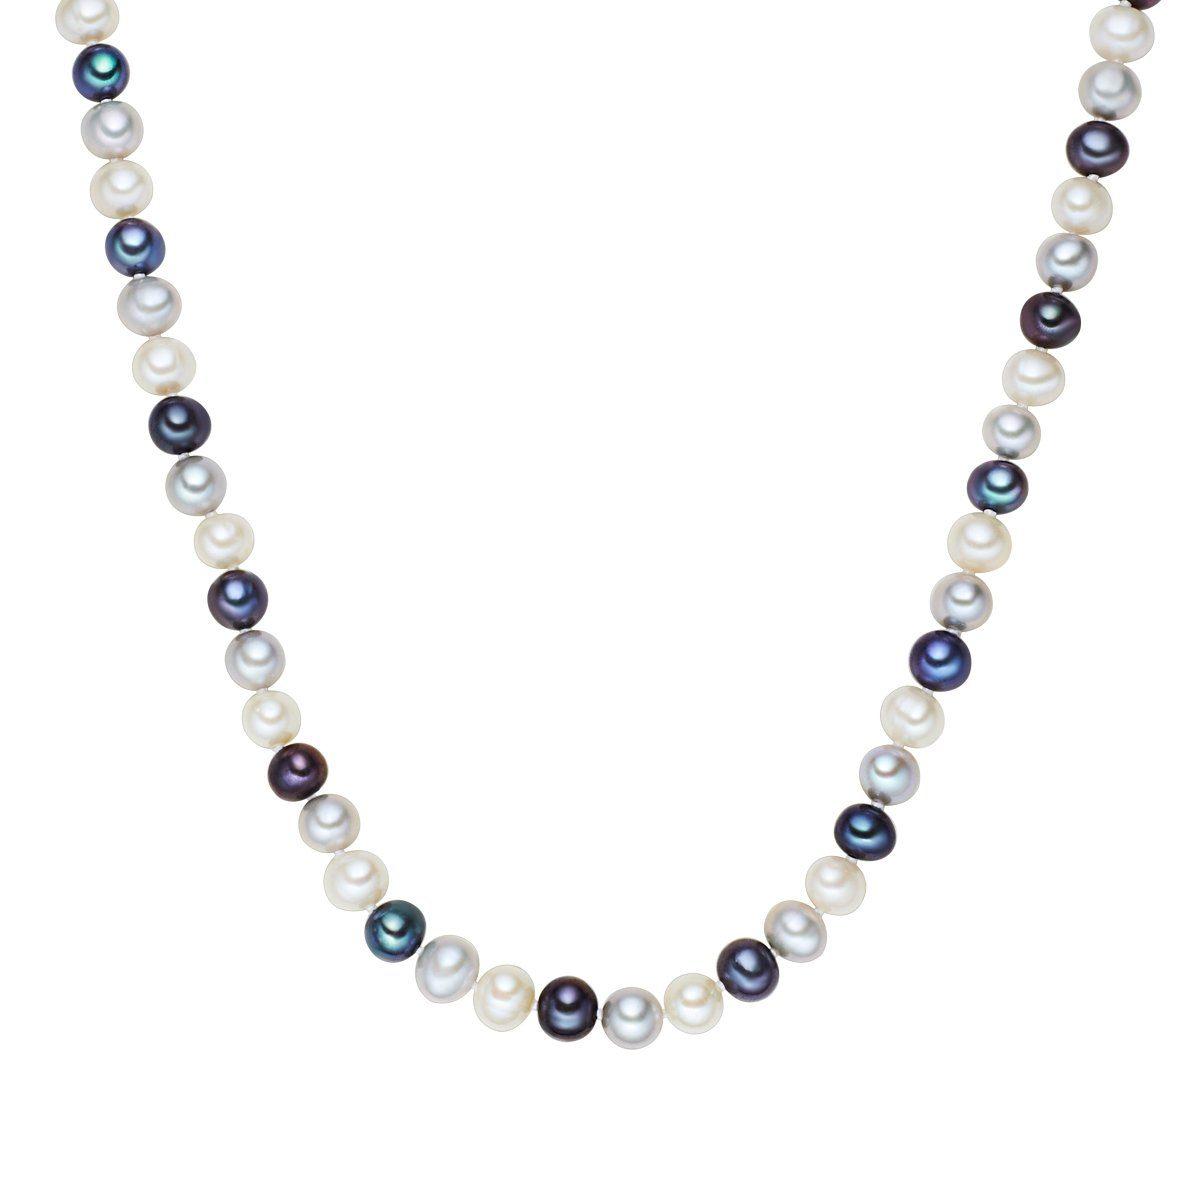 Valero Pearls Perlenkette X1277 | Schmuck > Halsketten > Perlenketten | Valero Pearls